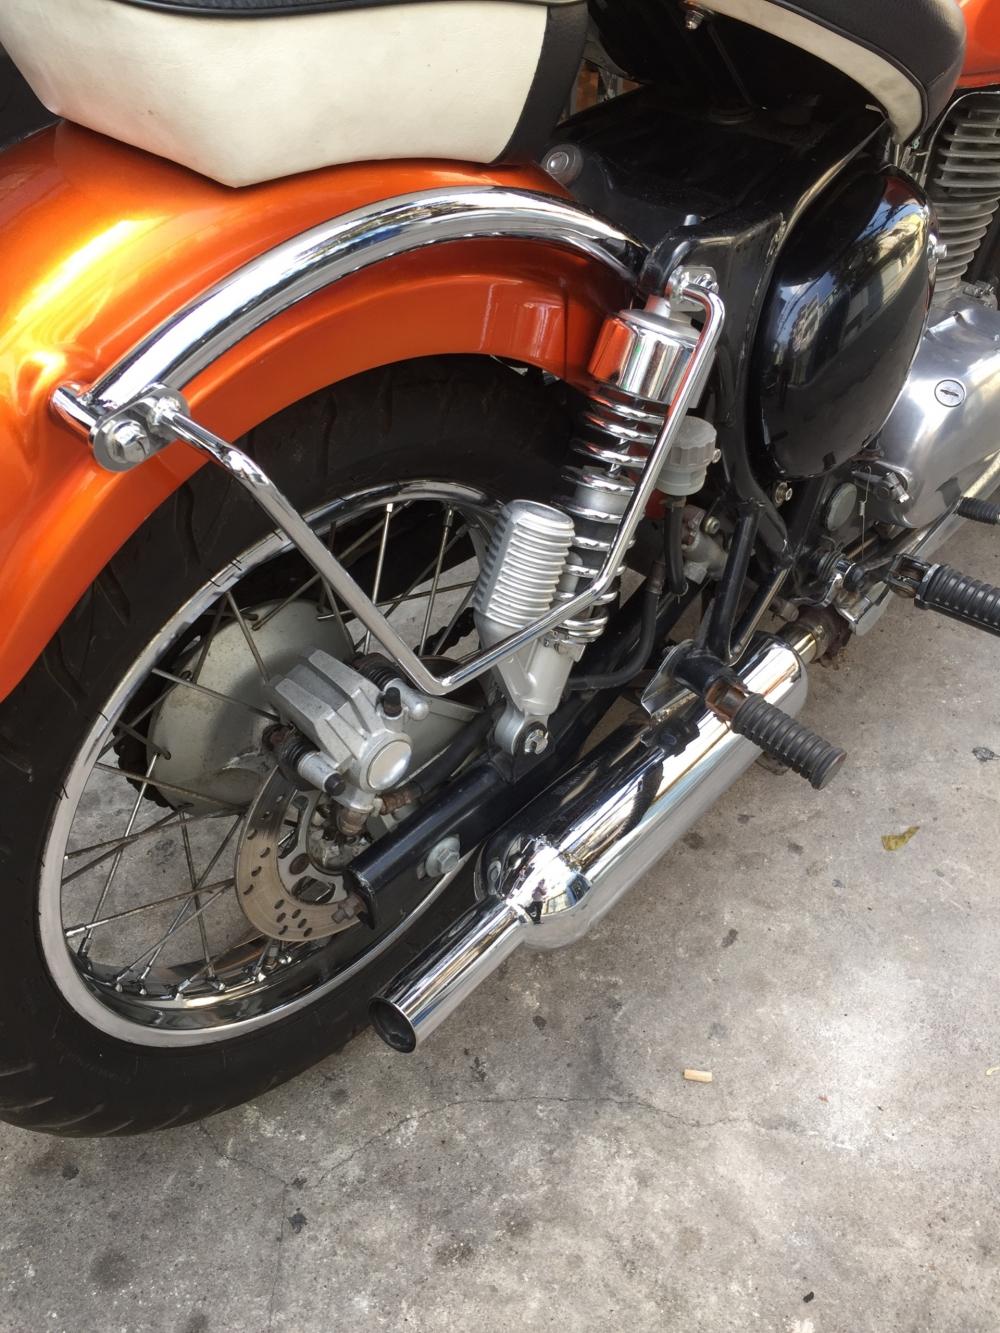 ban Kawasaki Estrella 250 xe keng gia dep - 7